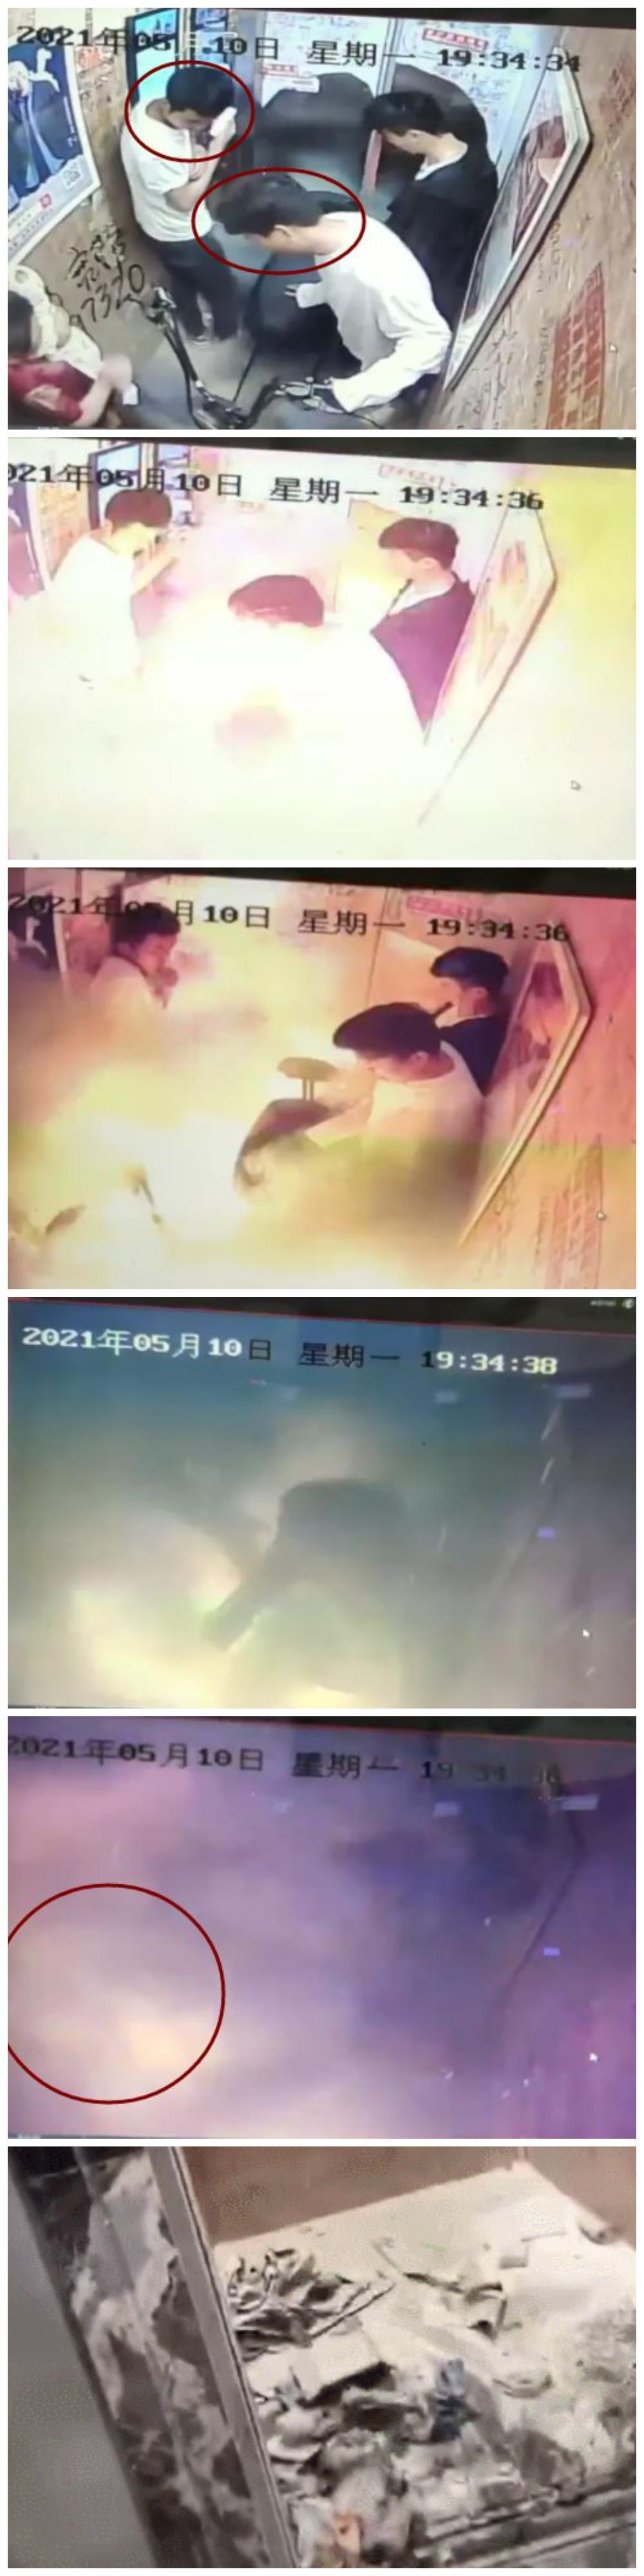 電動車在電梯內被瞬間爆燃起火。(影片截圖合成)